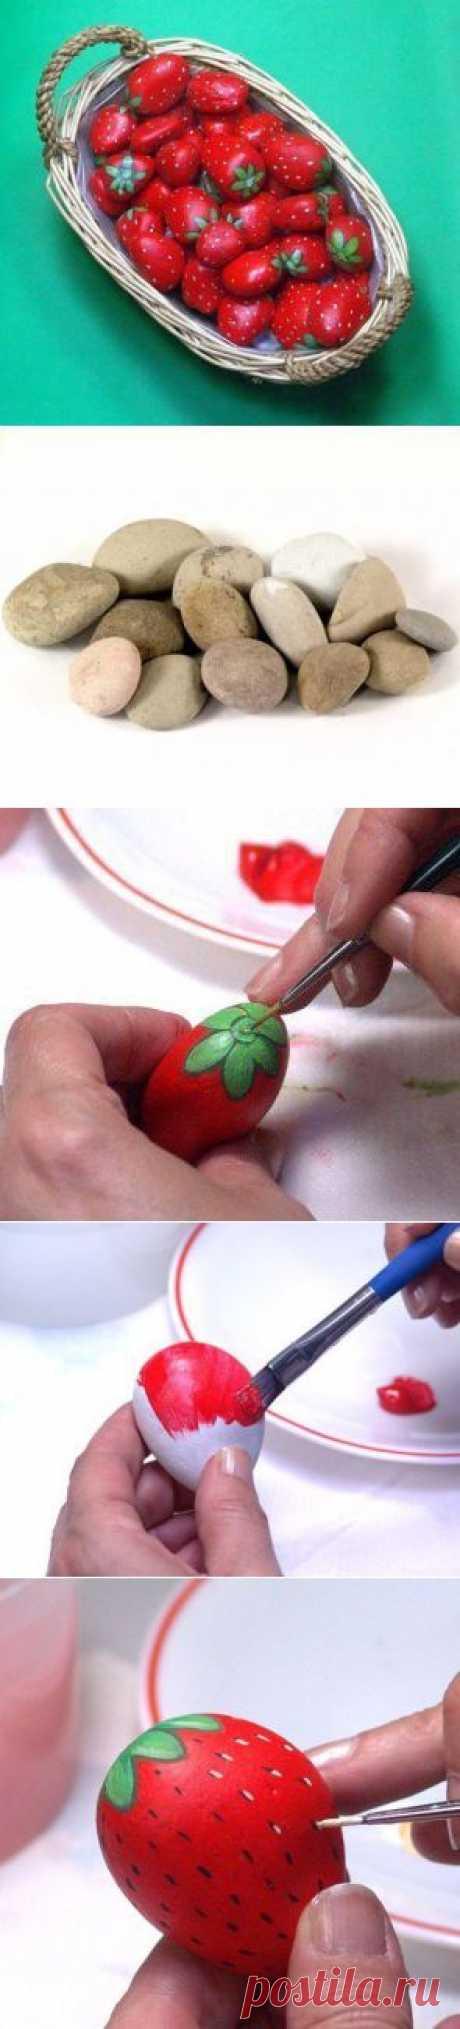 Каменные клубнички | Умелые ручки